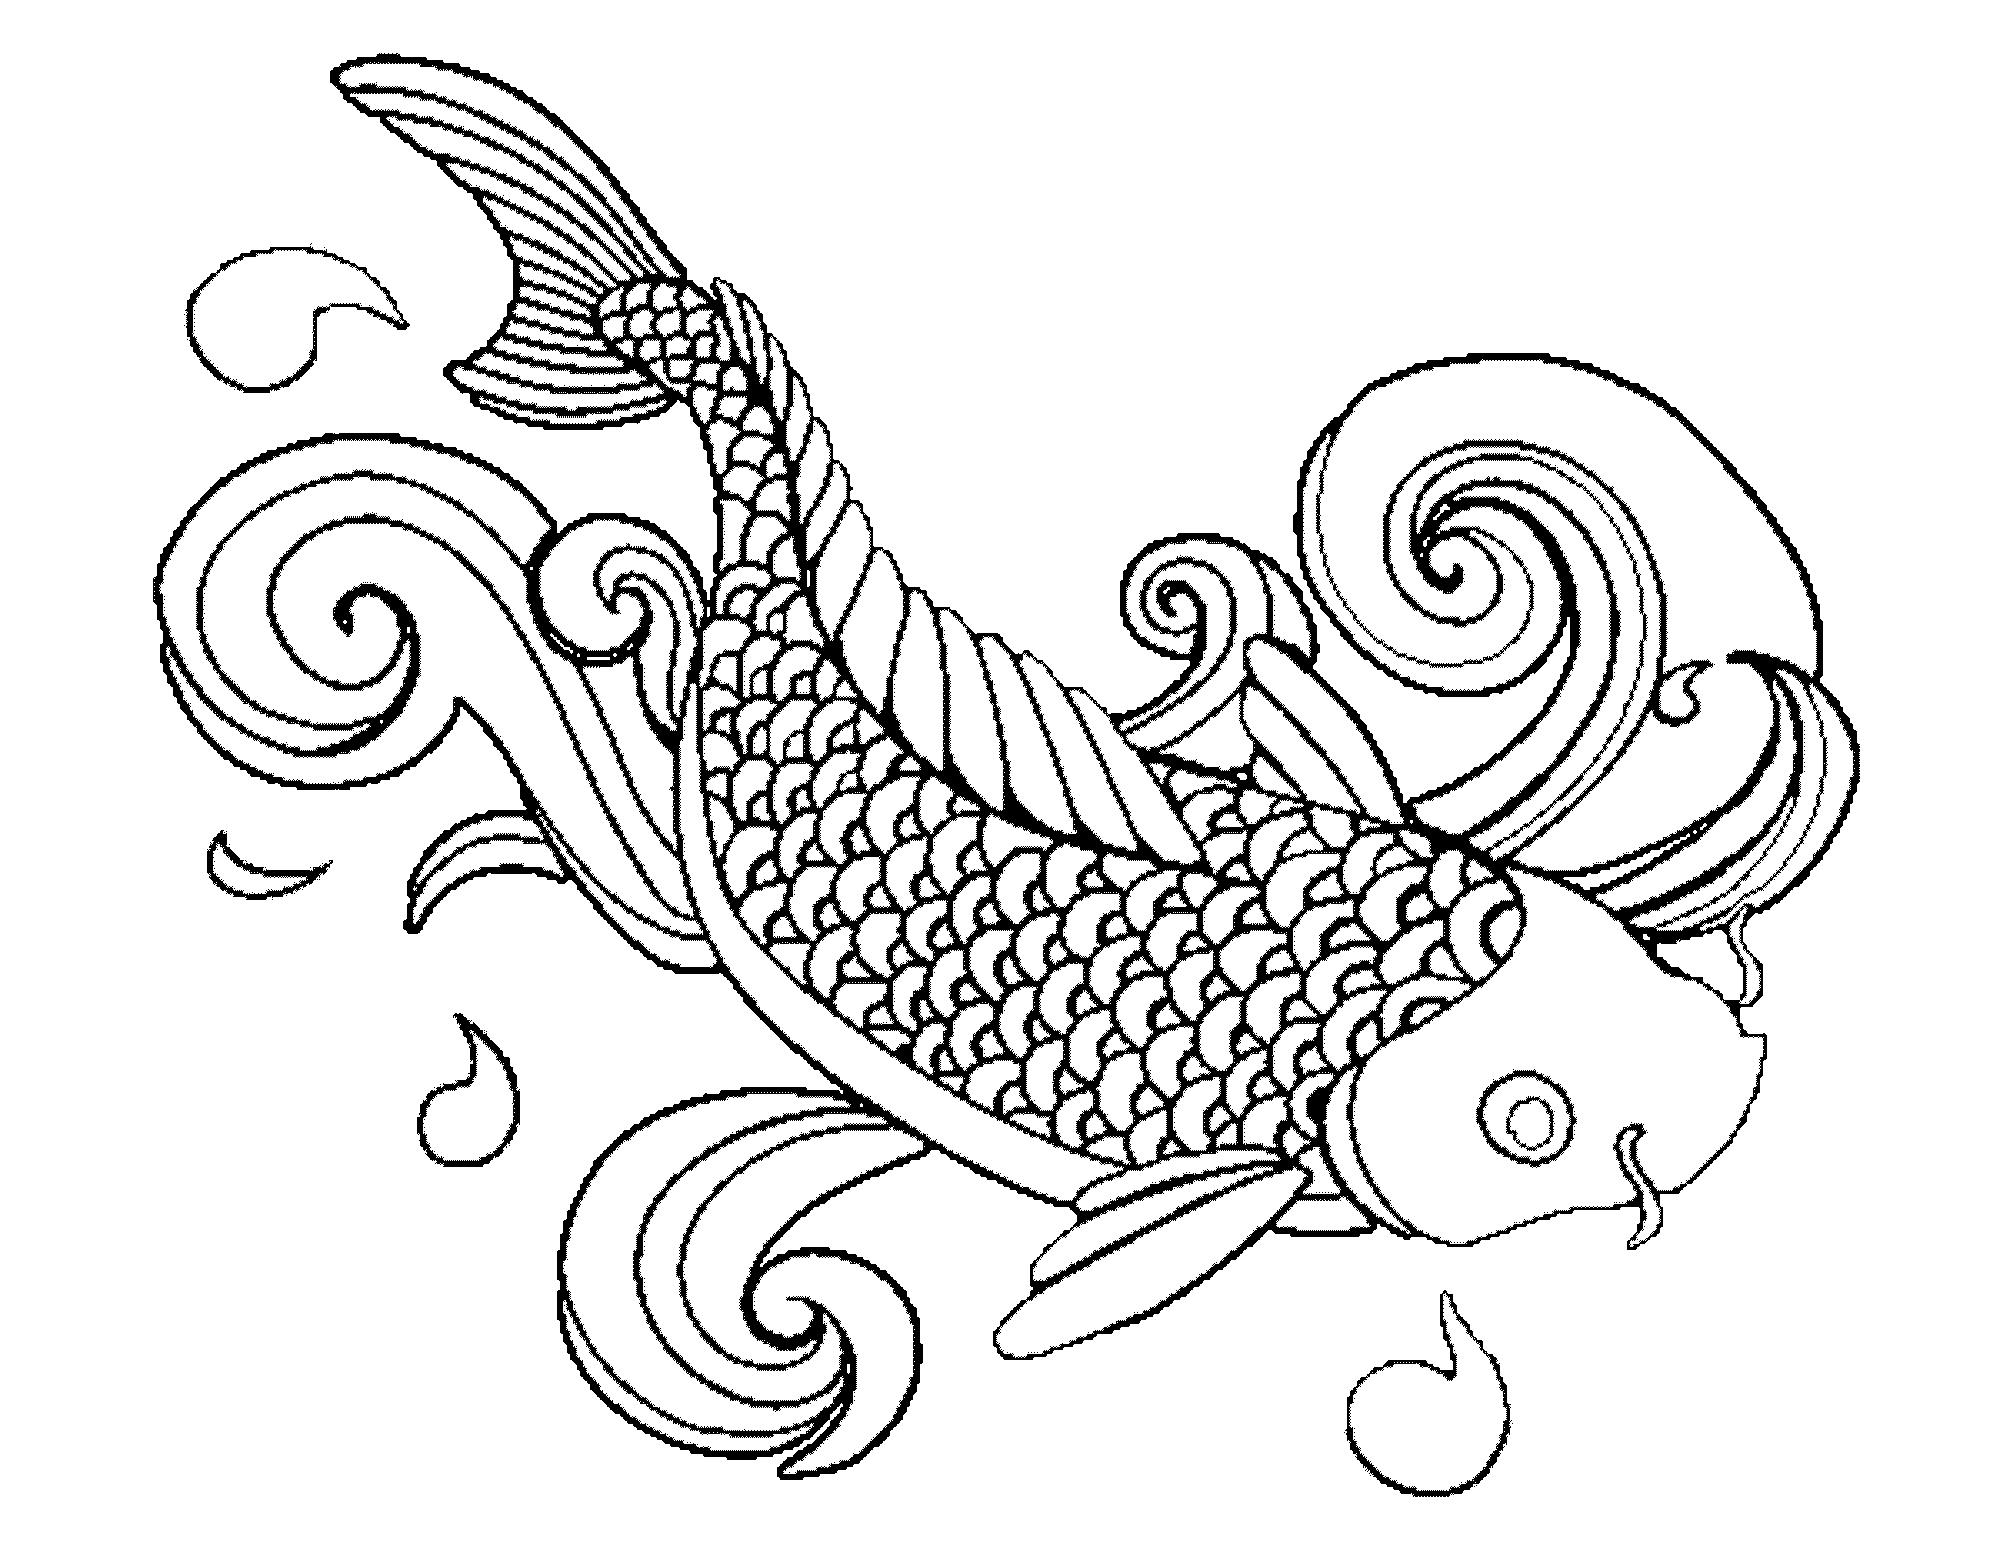 Koi Fish Pencil Drawing At Getdrawings